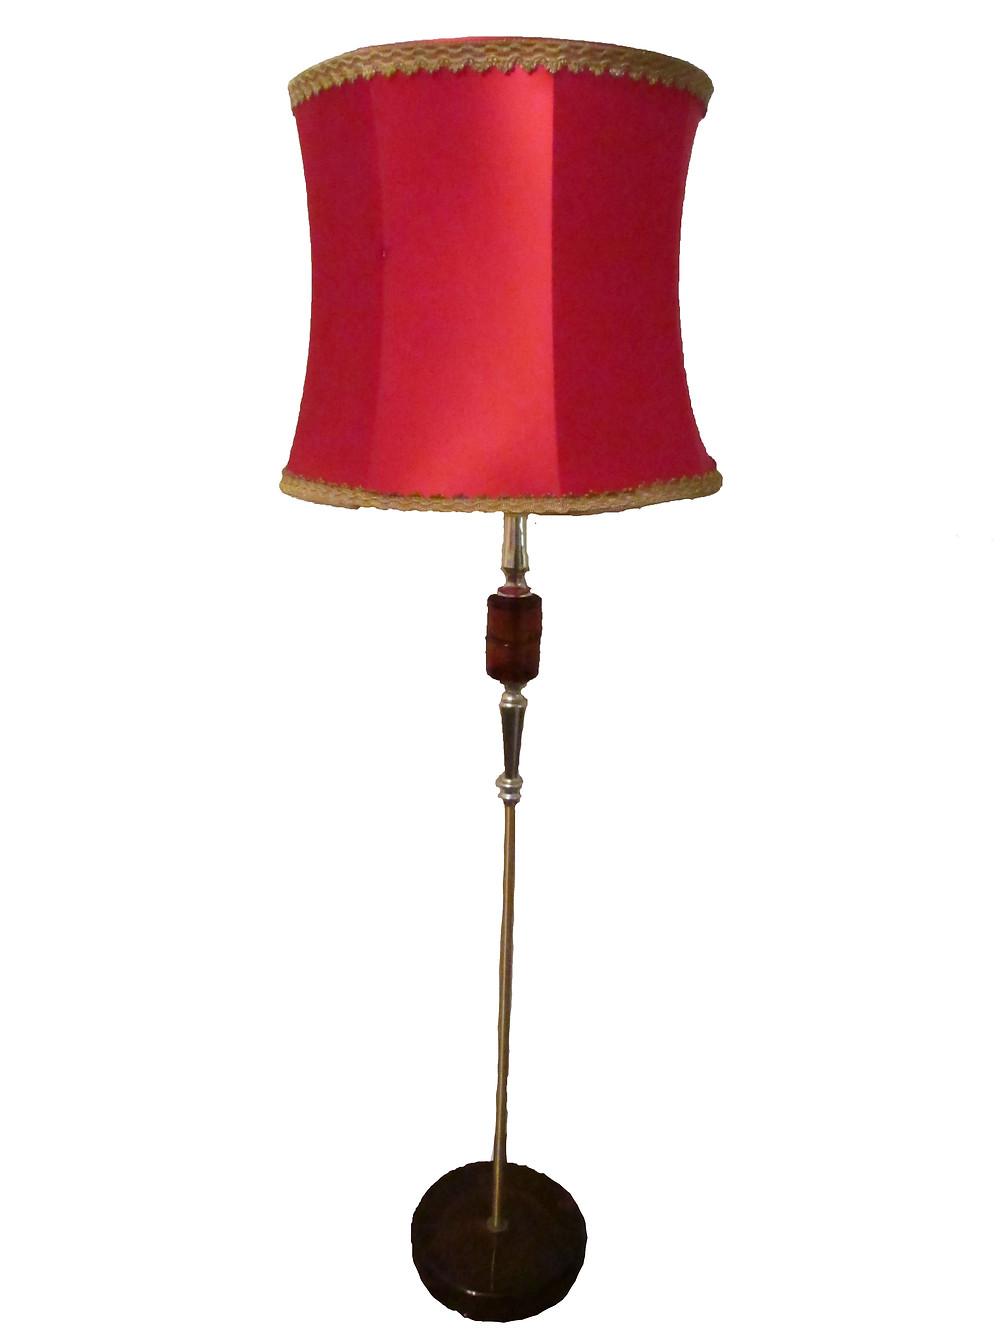 Lattialamppu, lamppu, varjostin, meripihka, vanha lattialamppu, -60 luku, vintage, tee itse, korjaa vanhaa